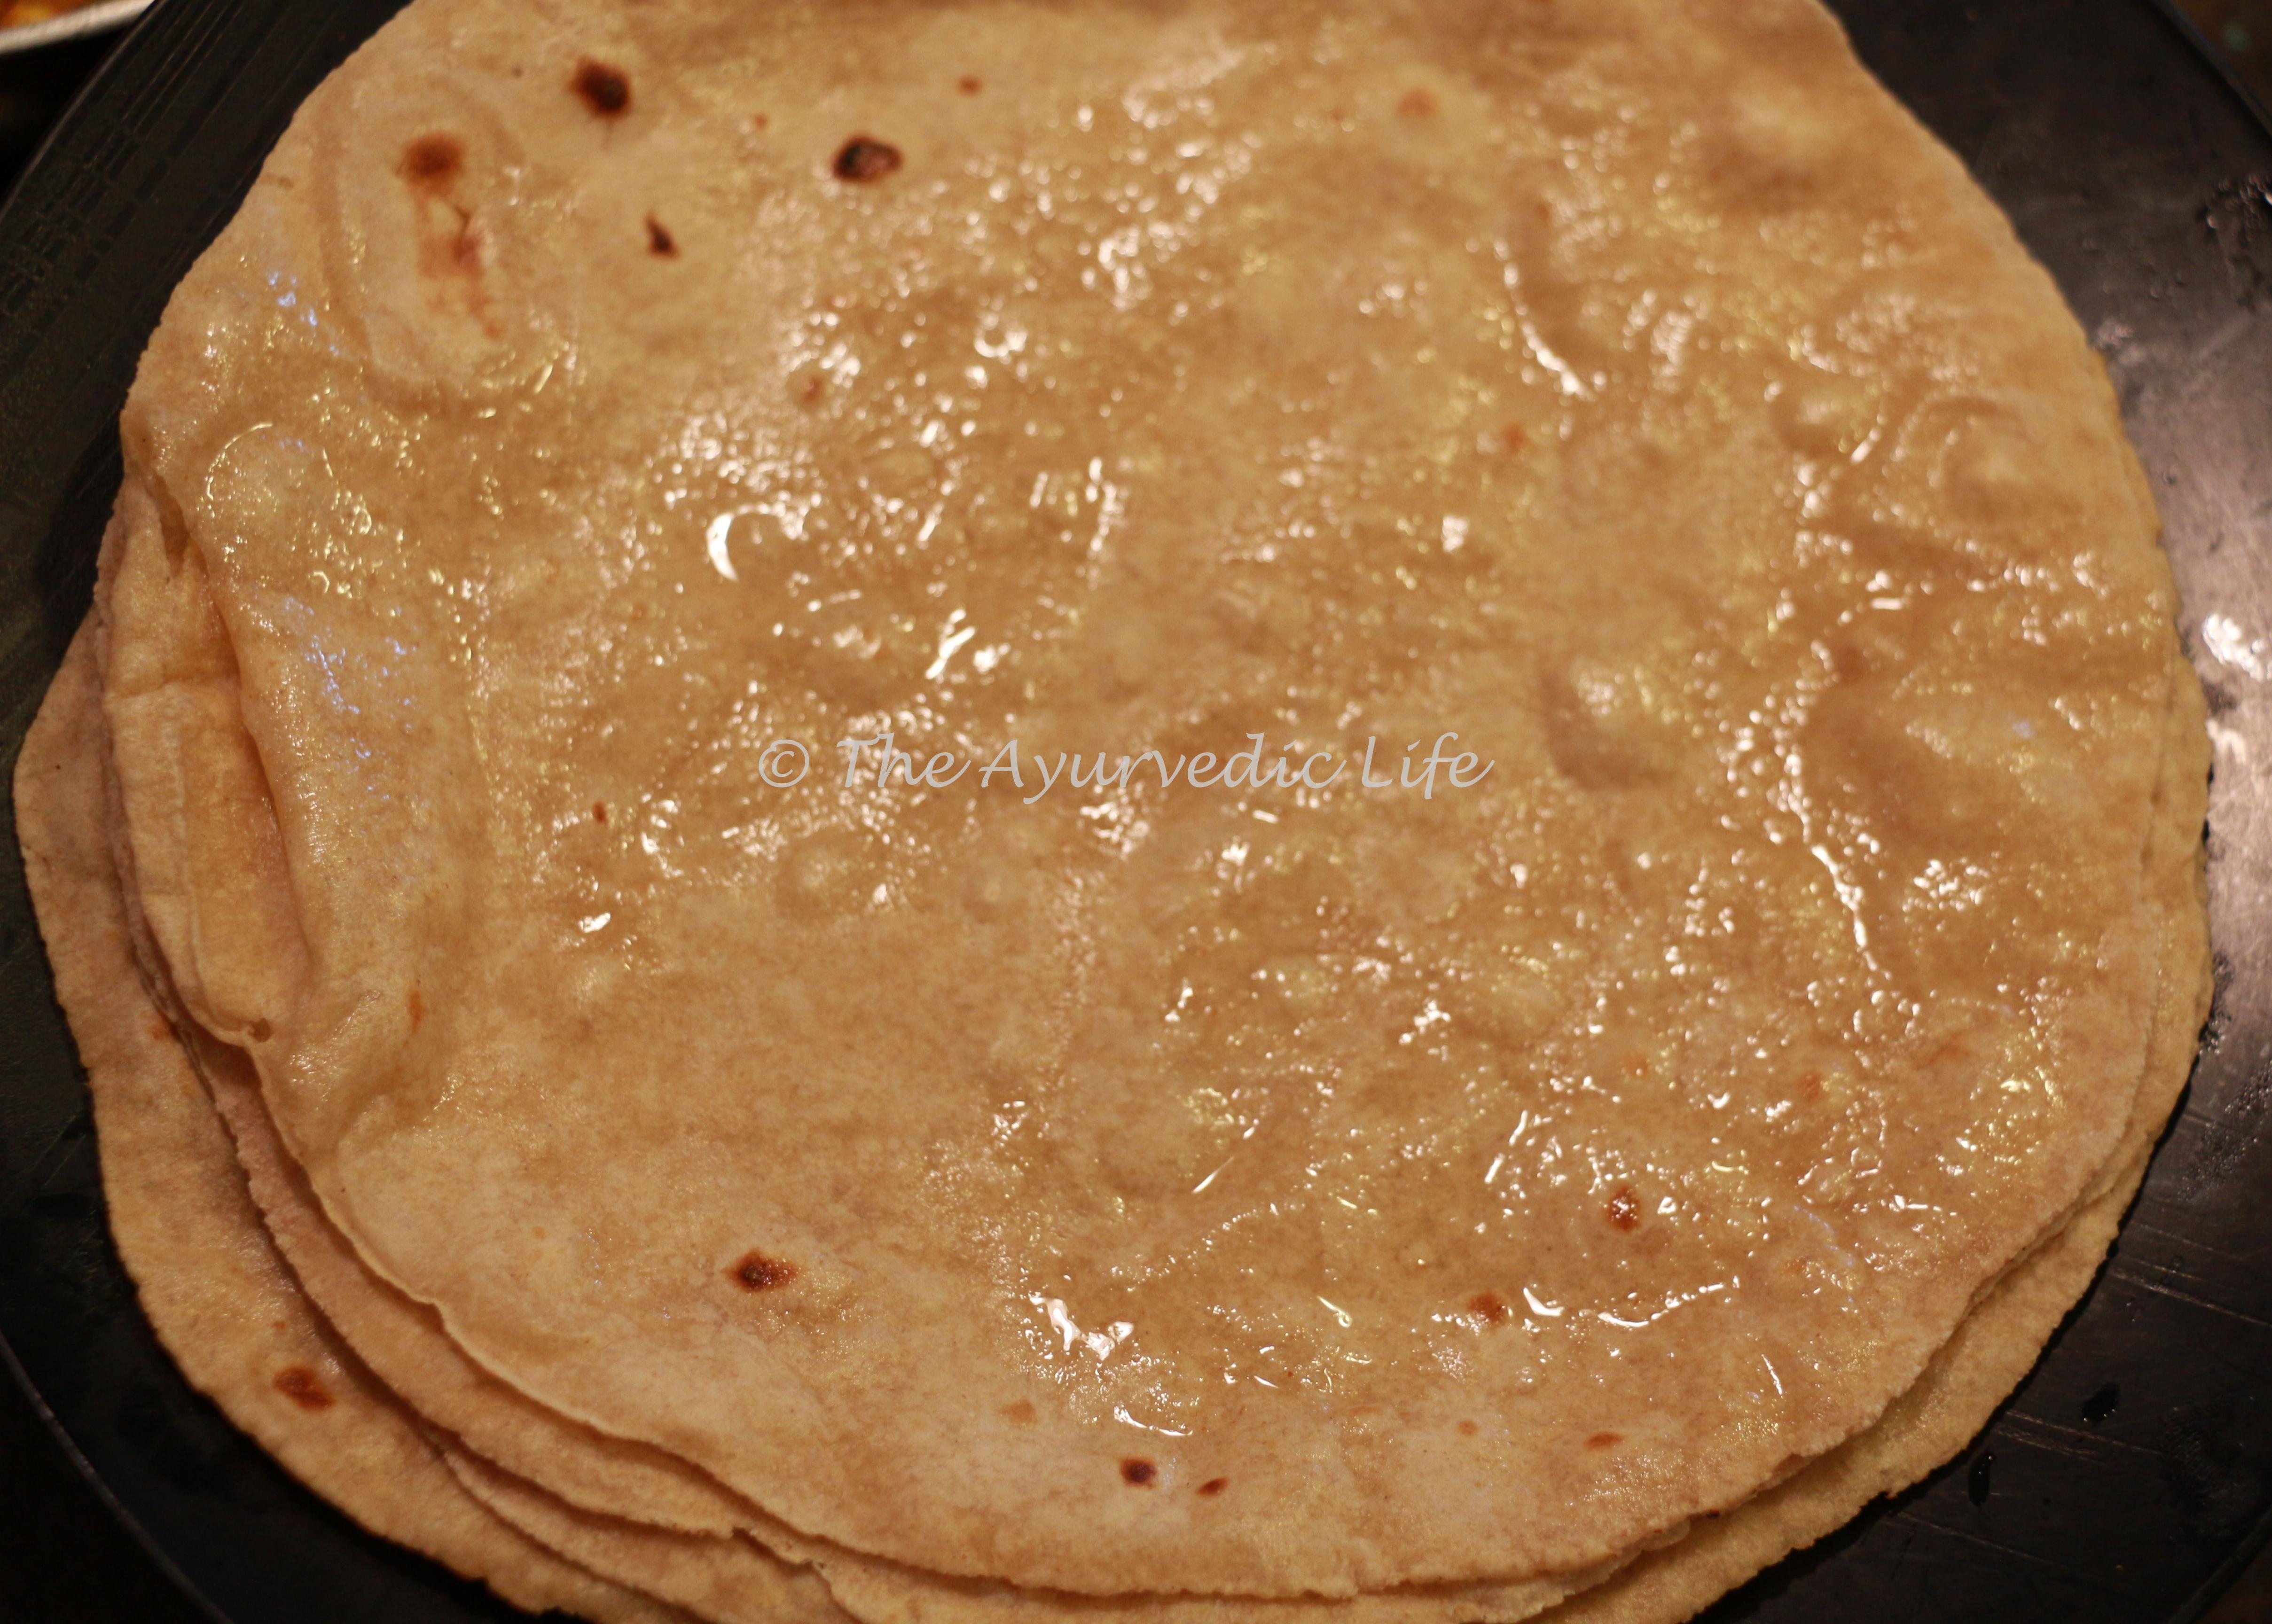 Chapati/Roti (Indian flat bread)